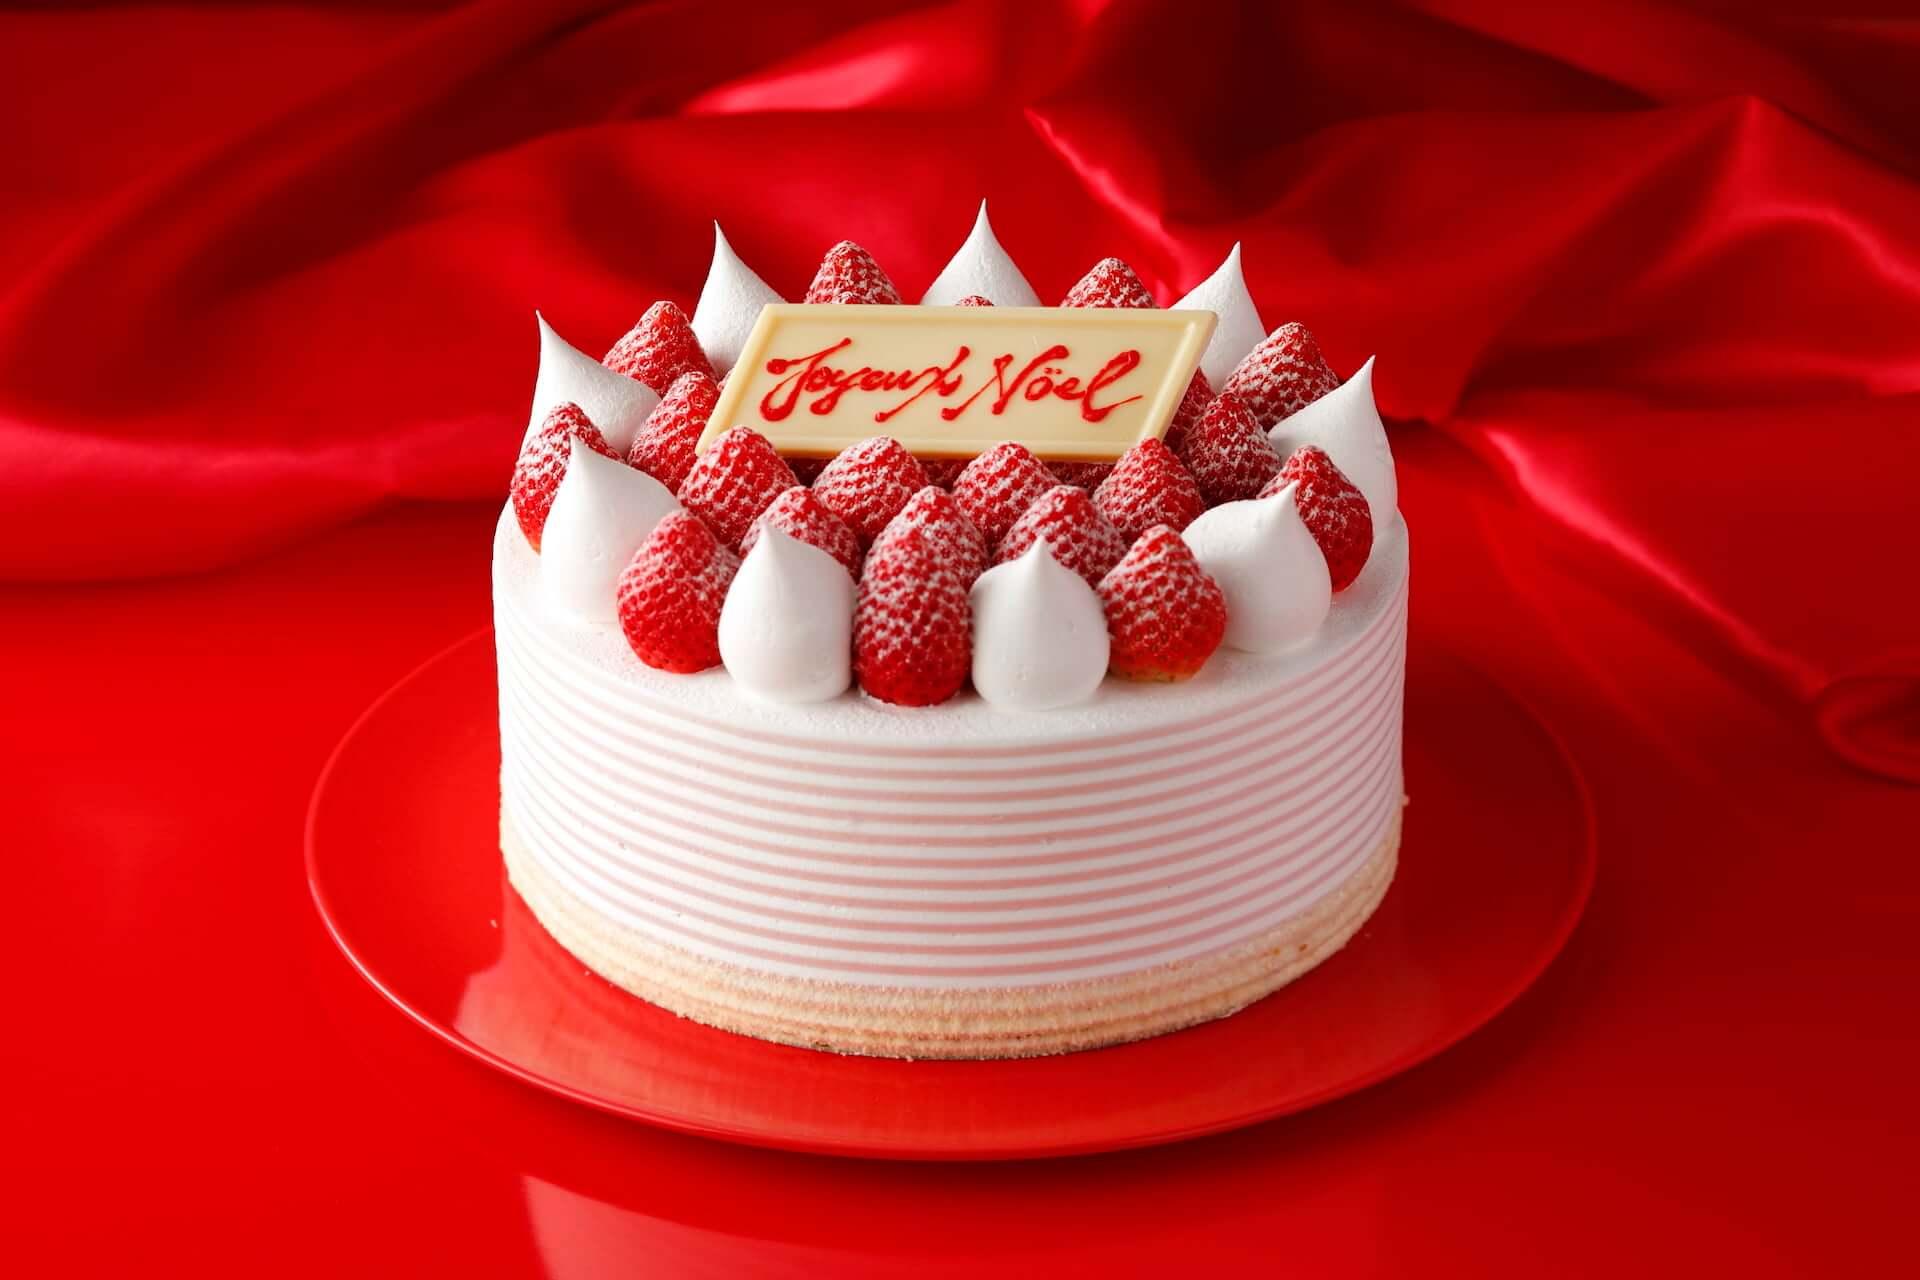 ホテルニューオータニ「パティスリーSATSUKI」にてクリスマスケーキの予約販売がスタート!『スーパーオペラ』『クリスマスタワー』など続々登場 gourmet201005_newotani_3-1920x1280